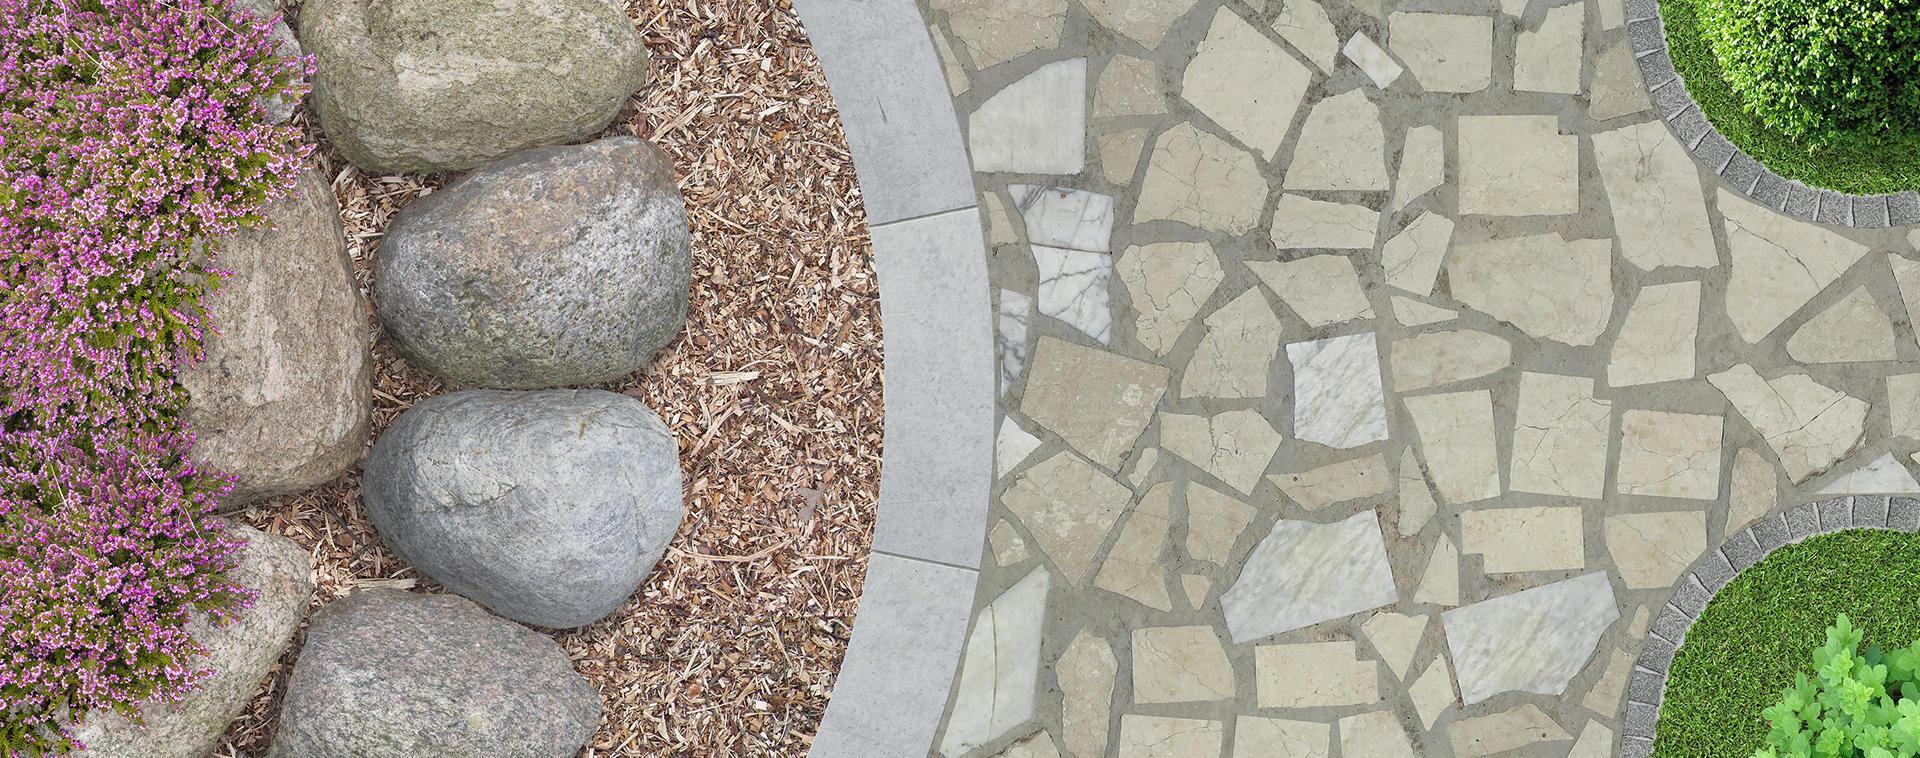 pavimento in porfido irregolare